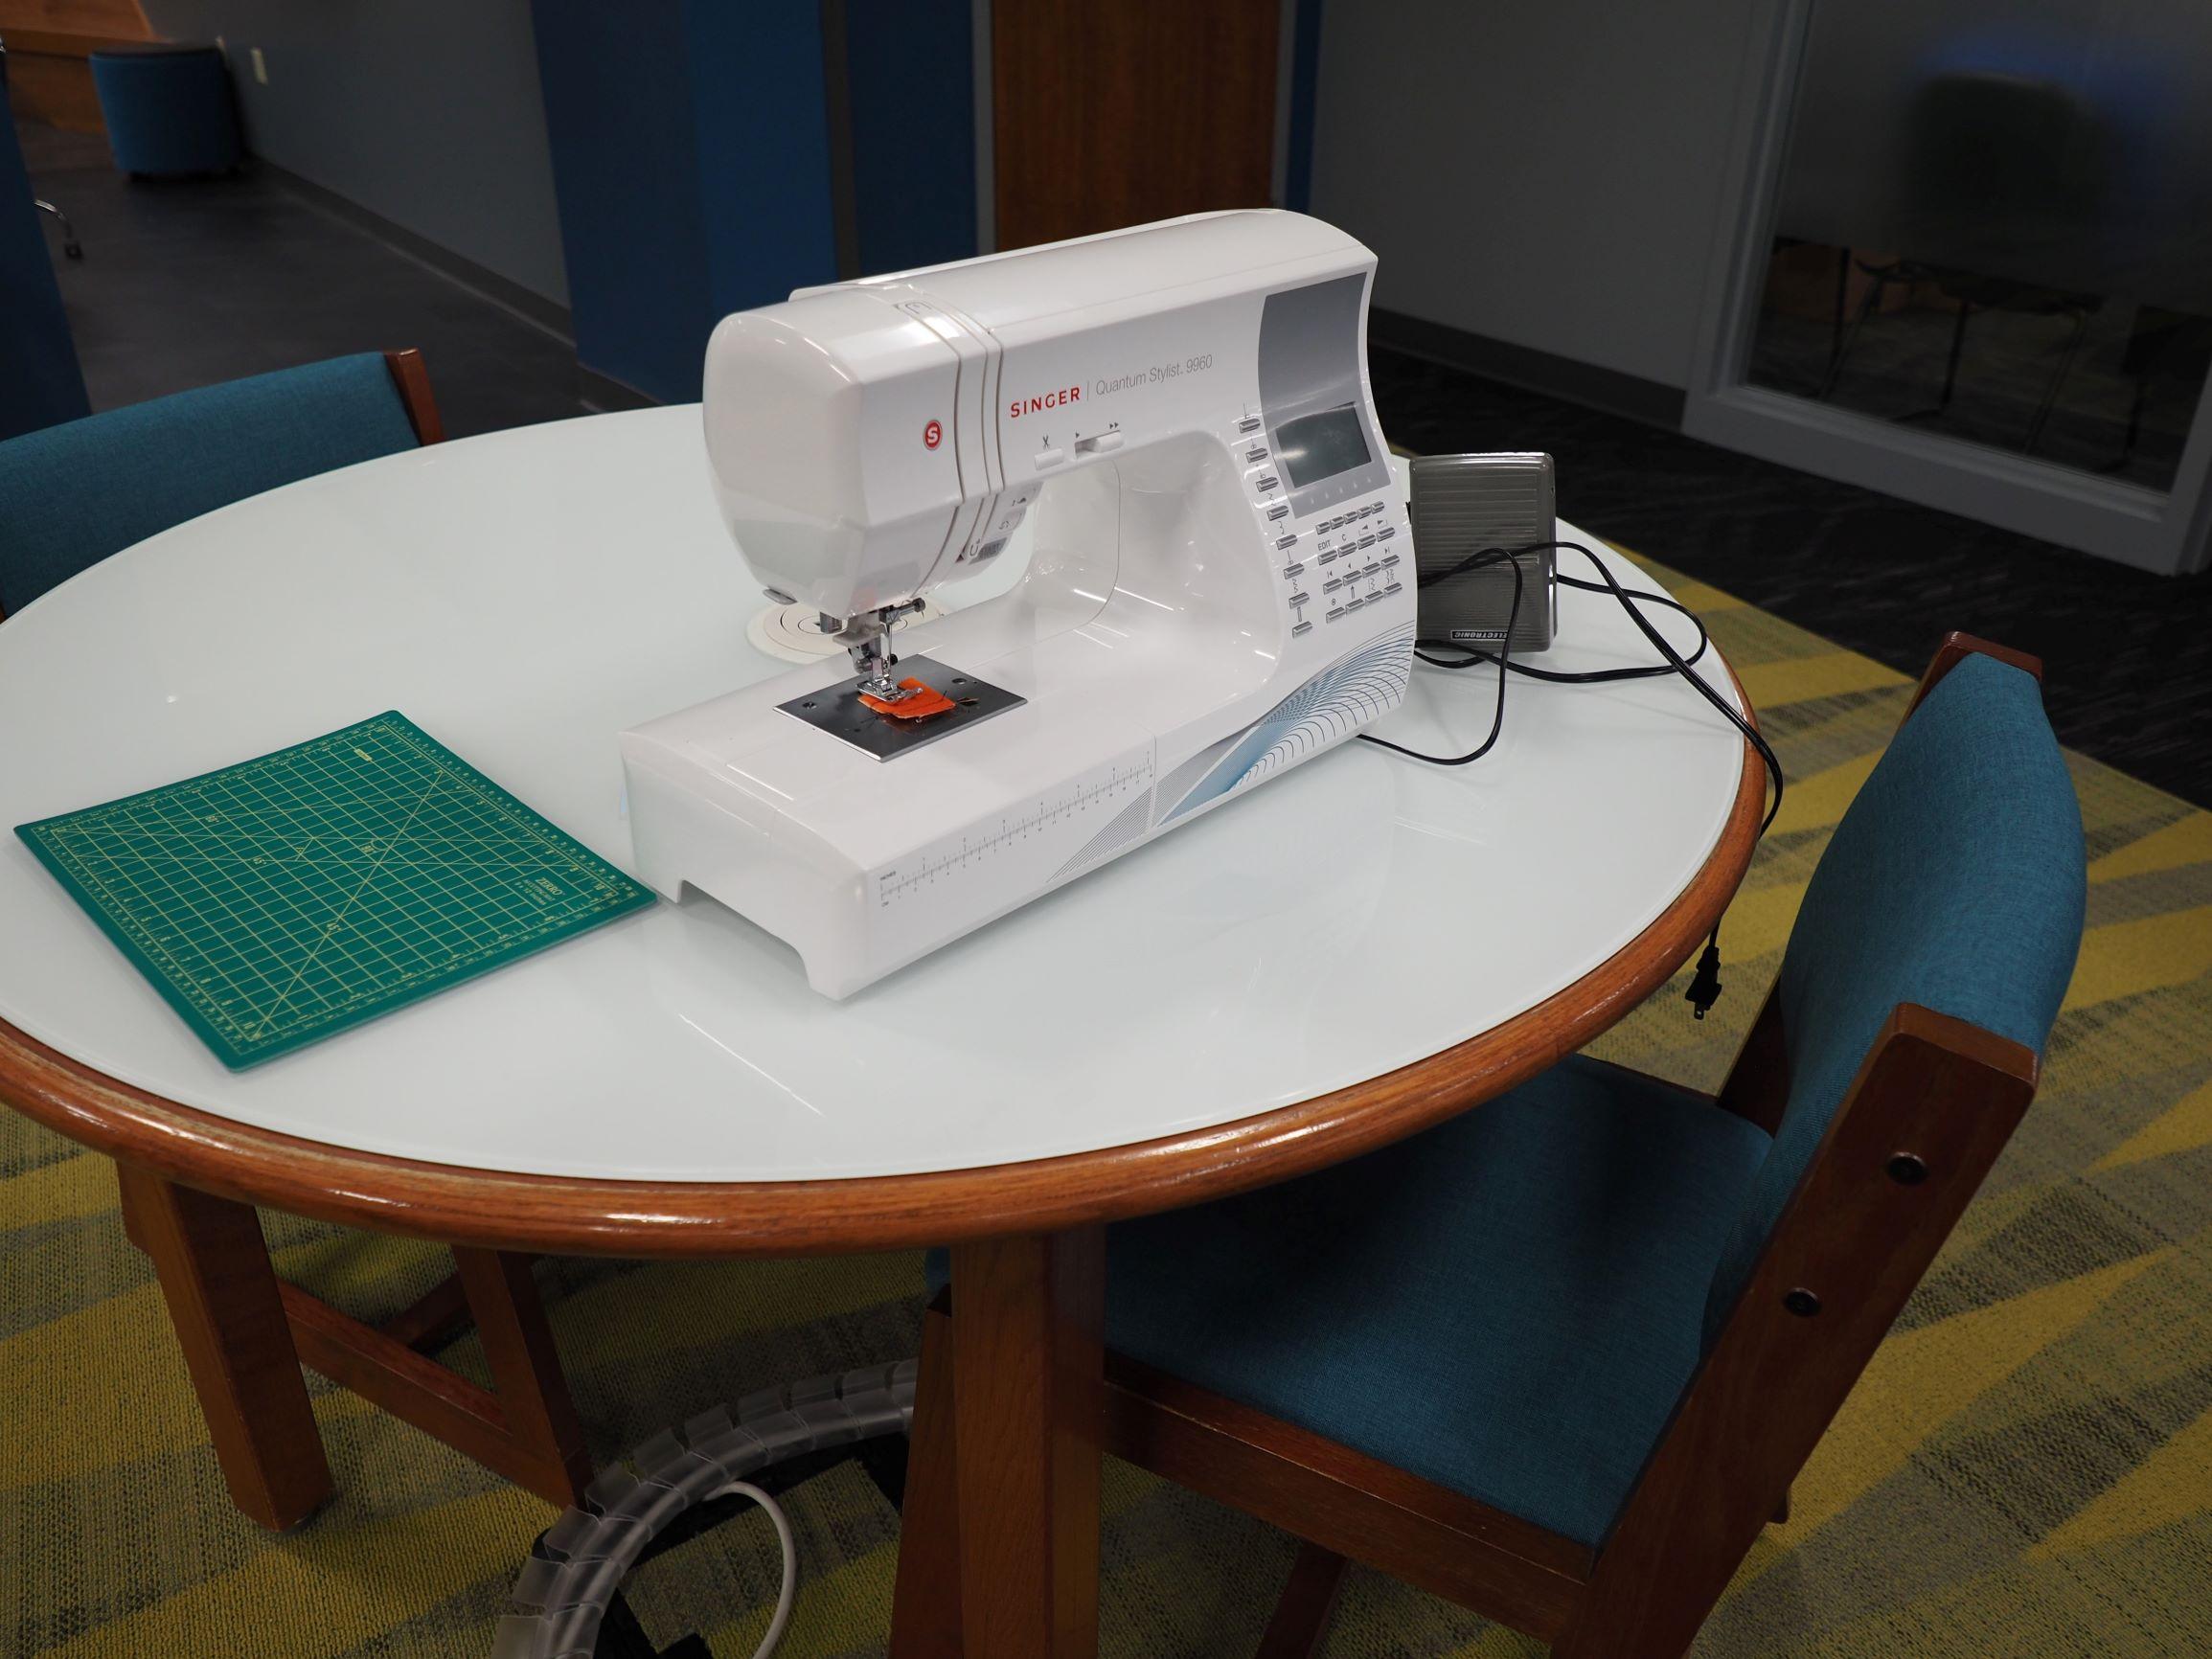 basic singer sewing machine